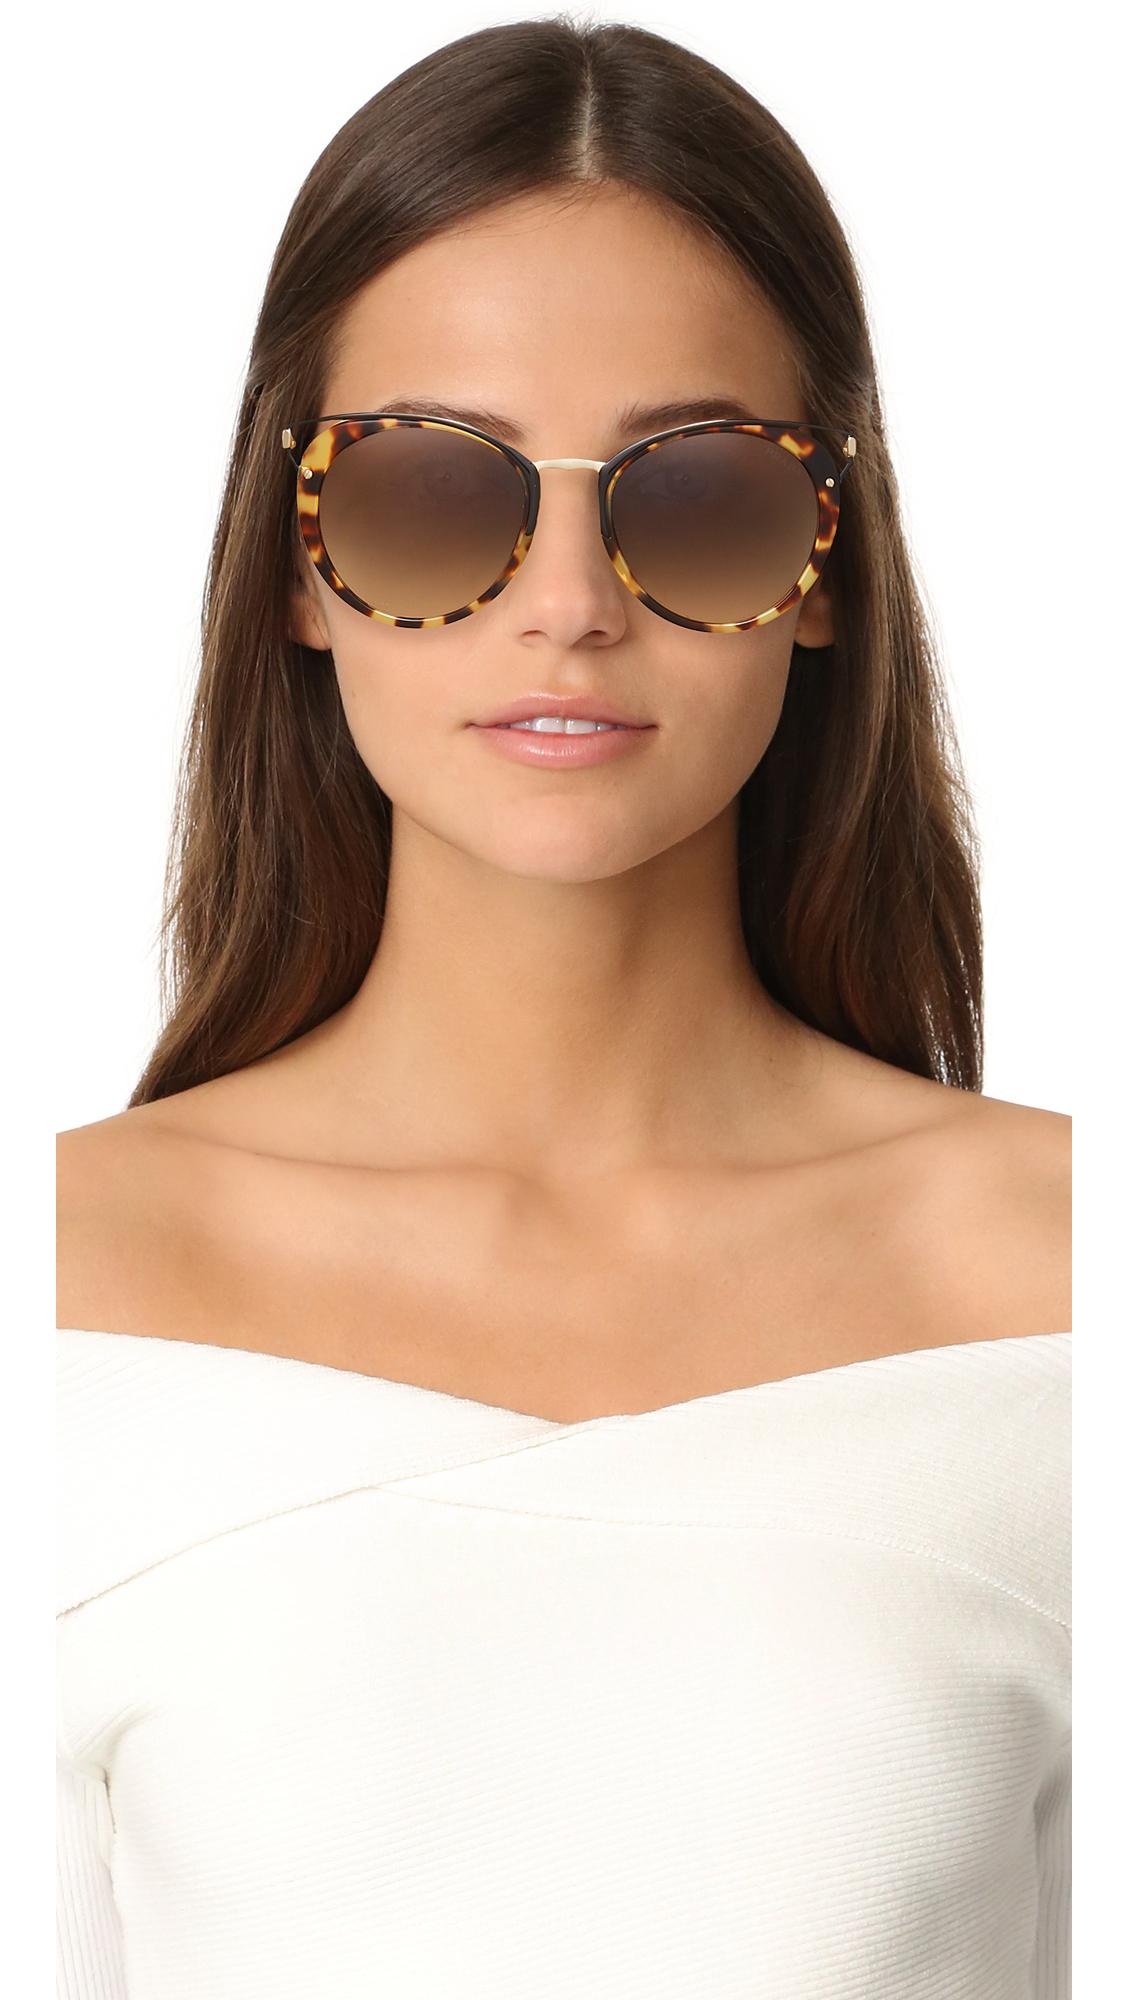 e8e47ec1b56e1 Prada Wanderer Sunglasses